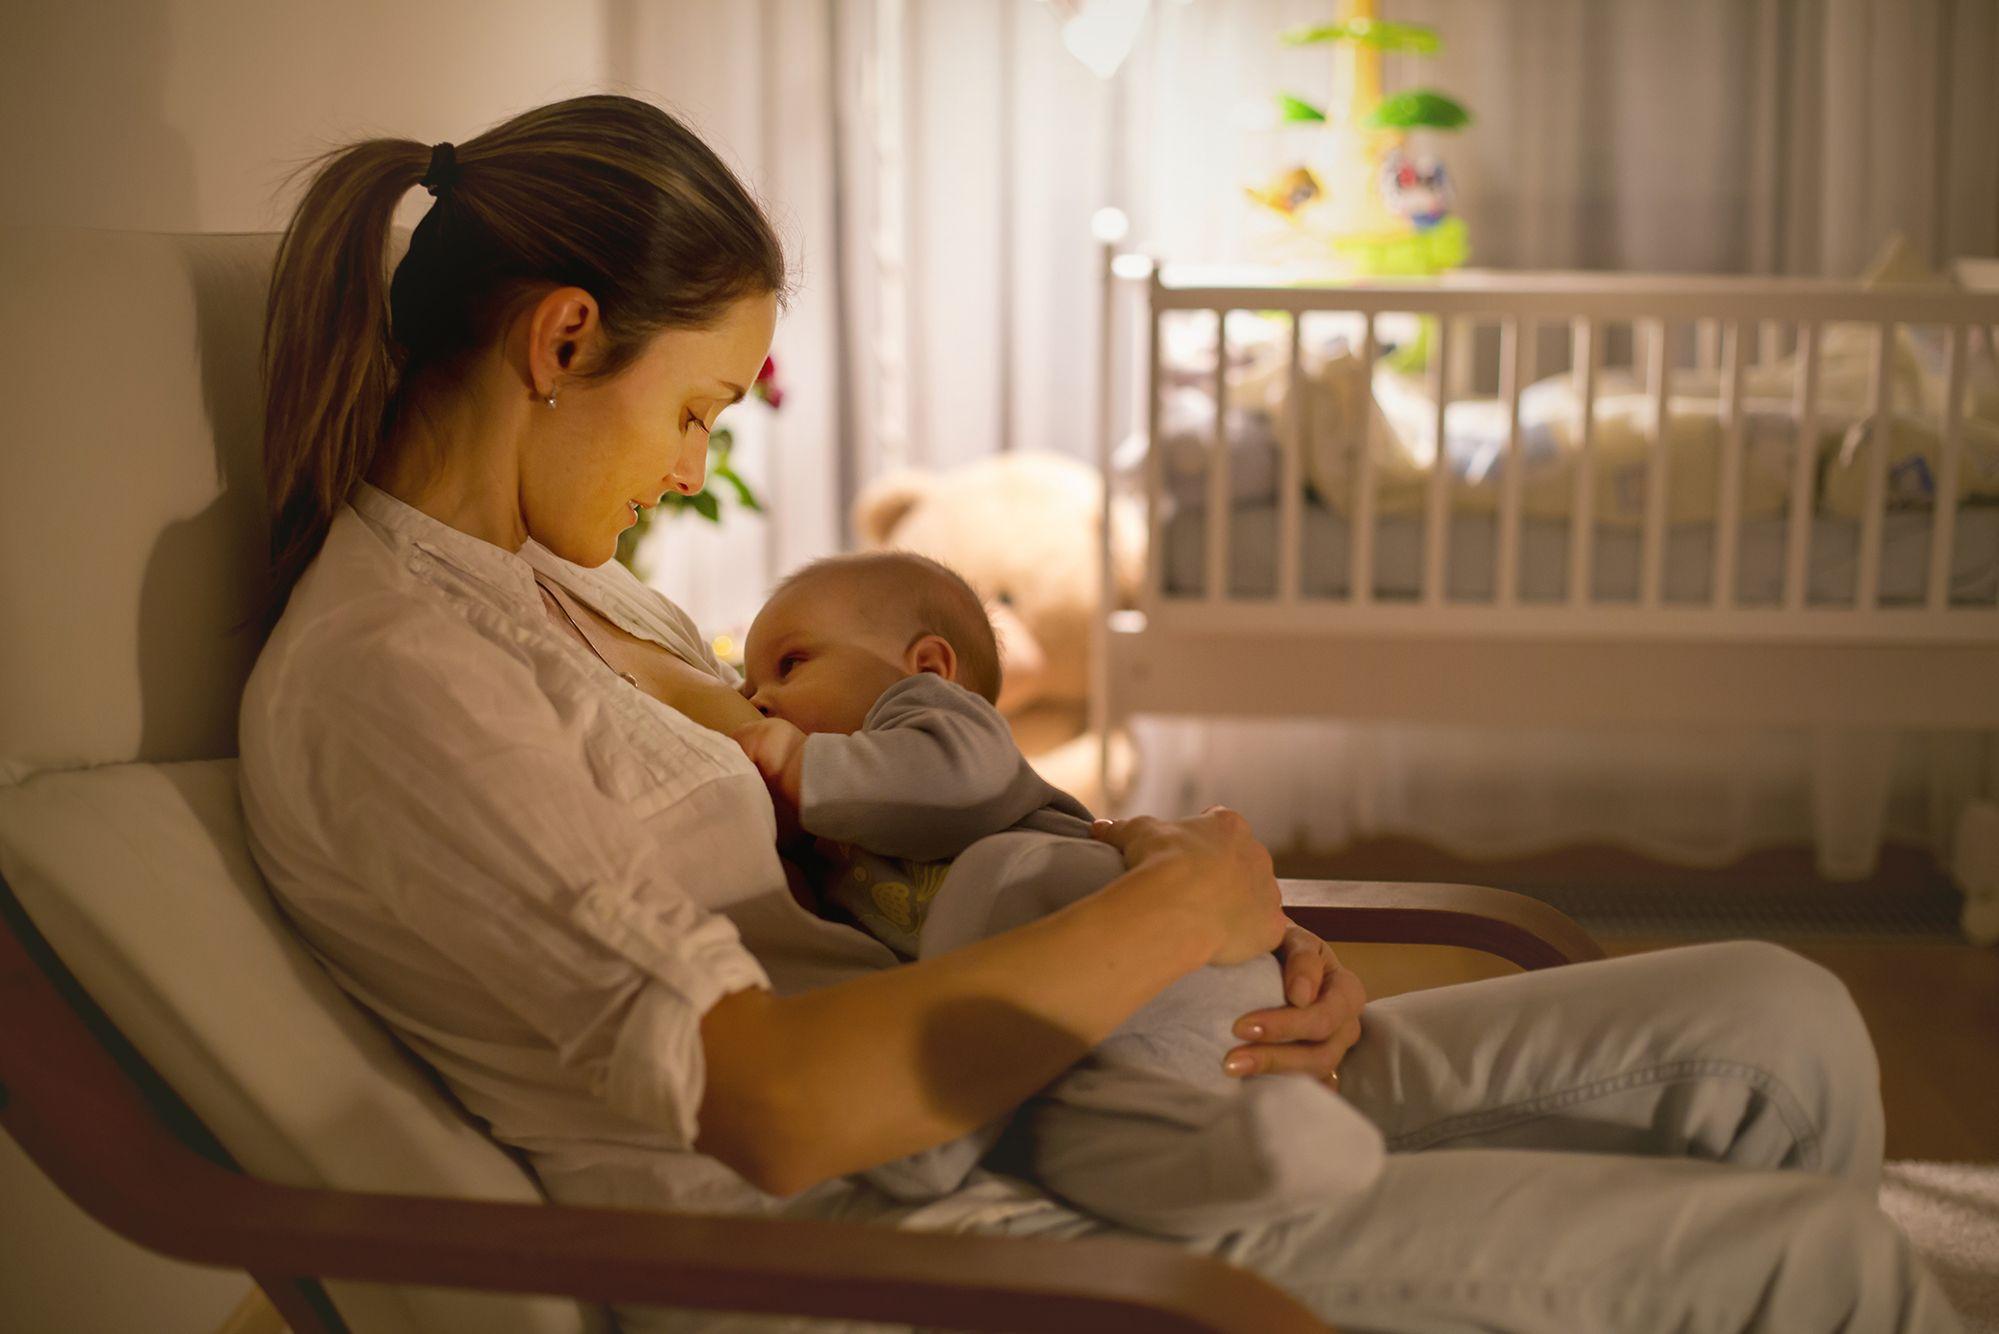 dojenje in možnost zanositve